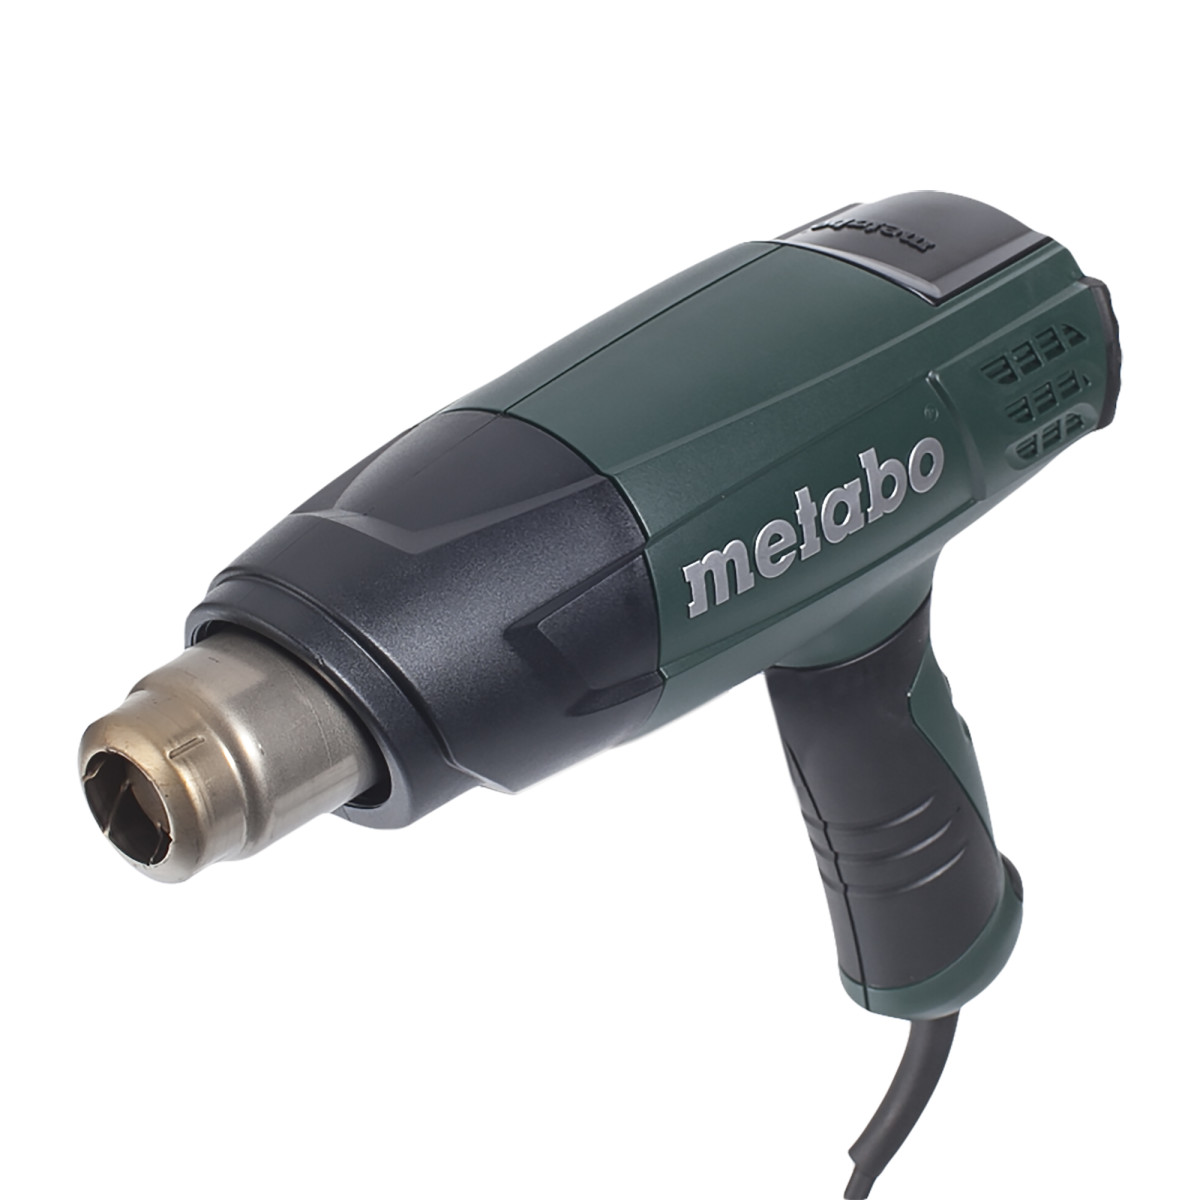 Фен технический Metabo HE 20-600 2000 Вт